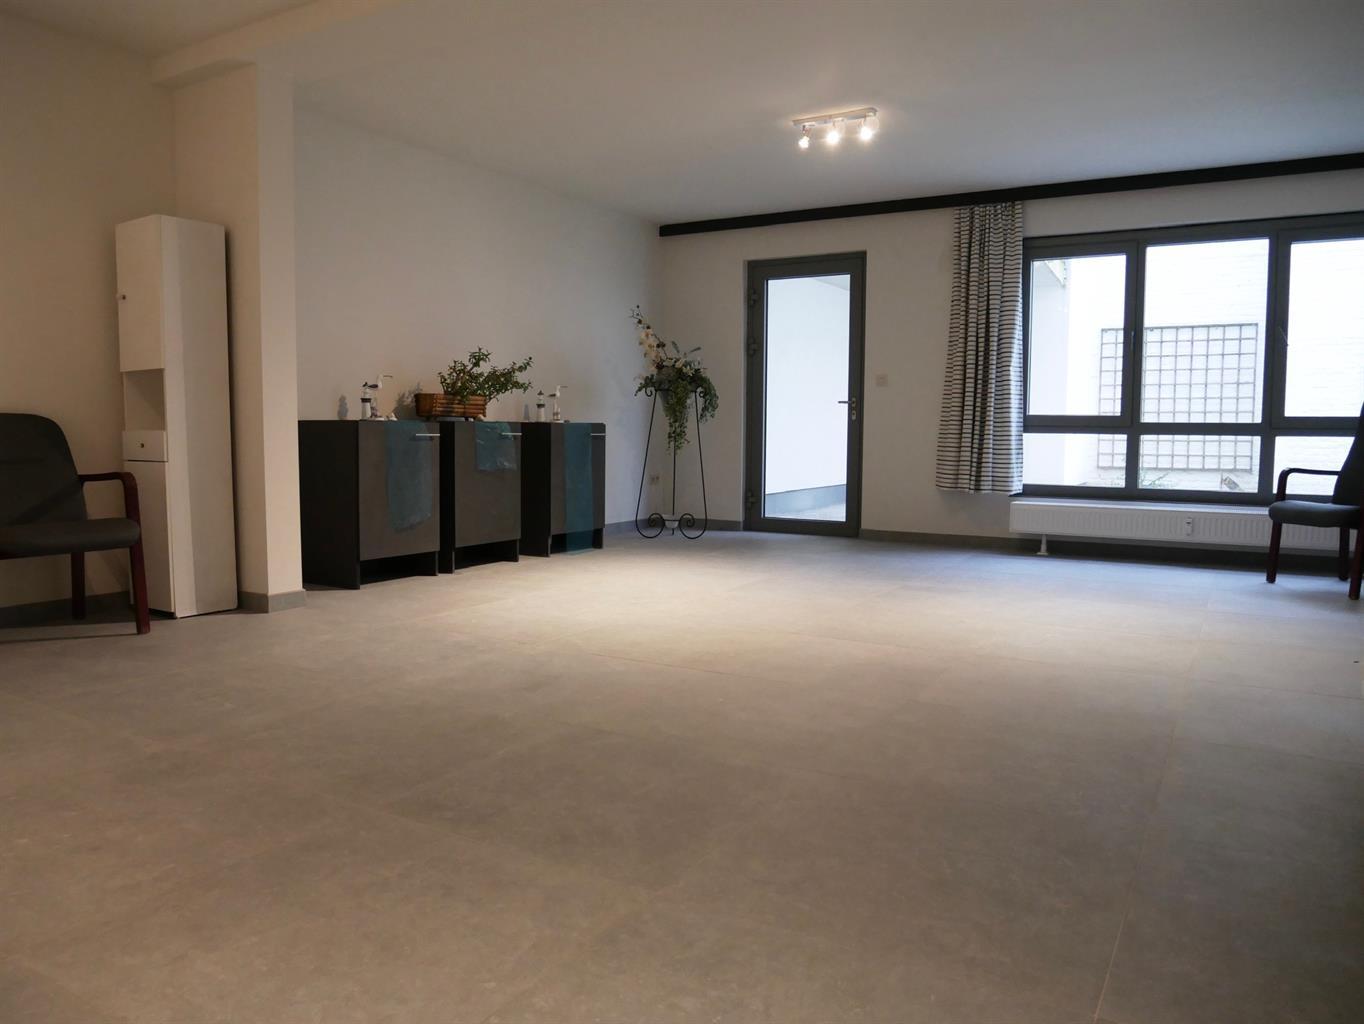 Résidences-services - Tournai - #4237119-2